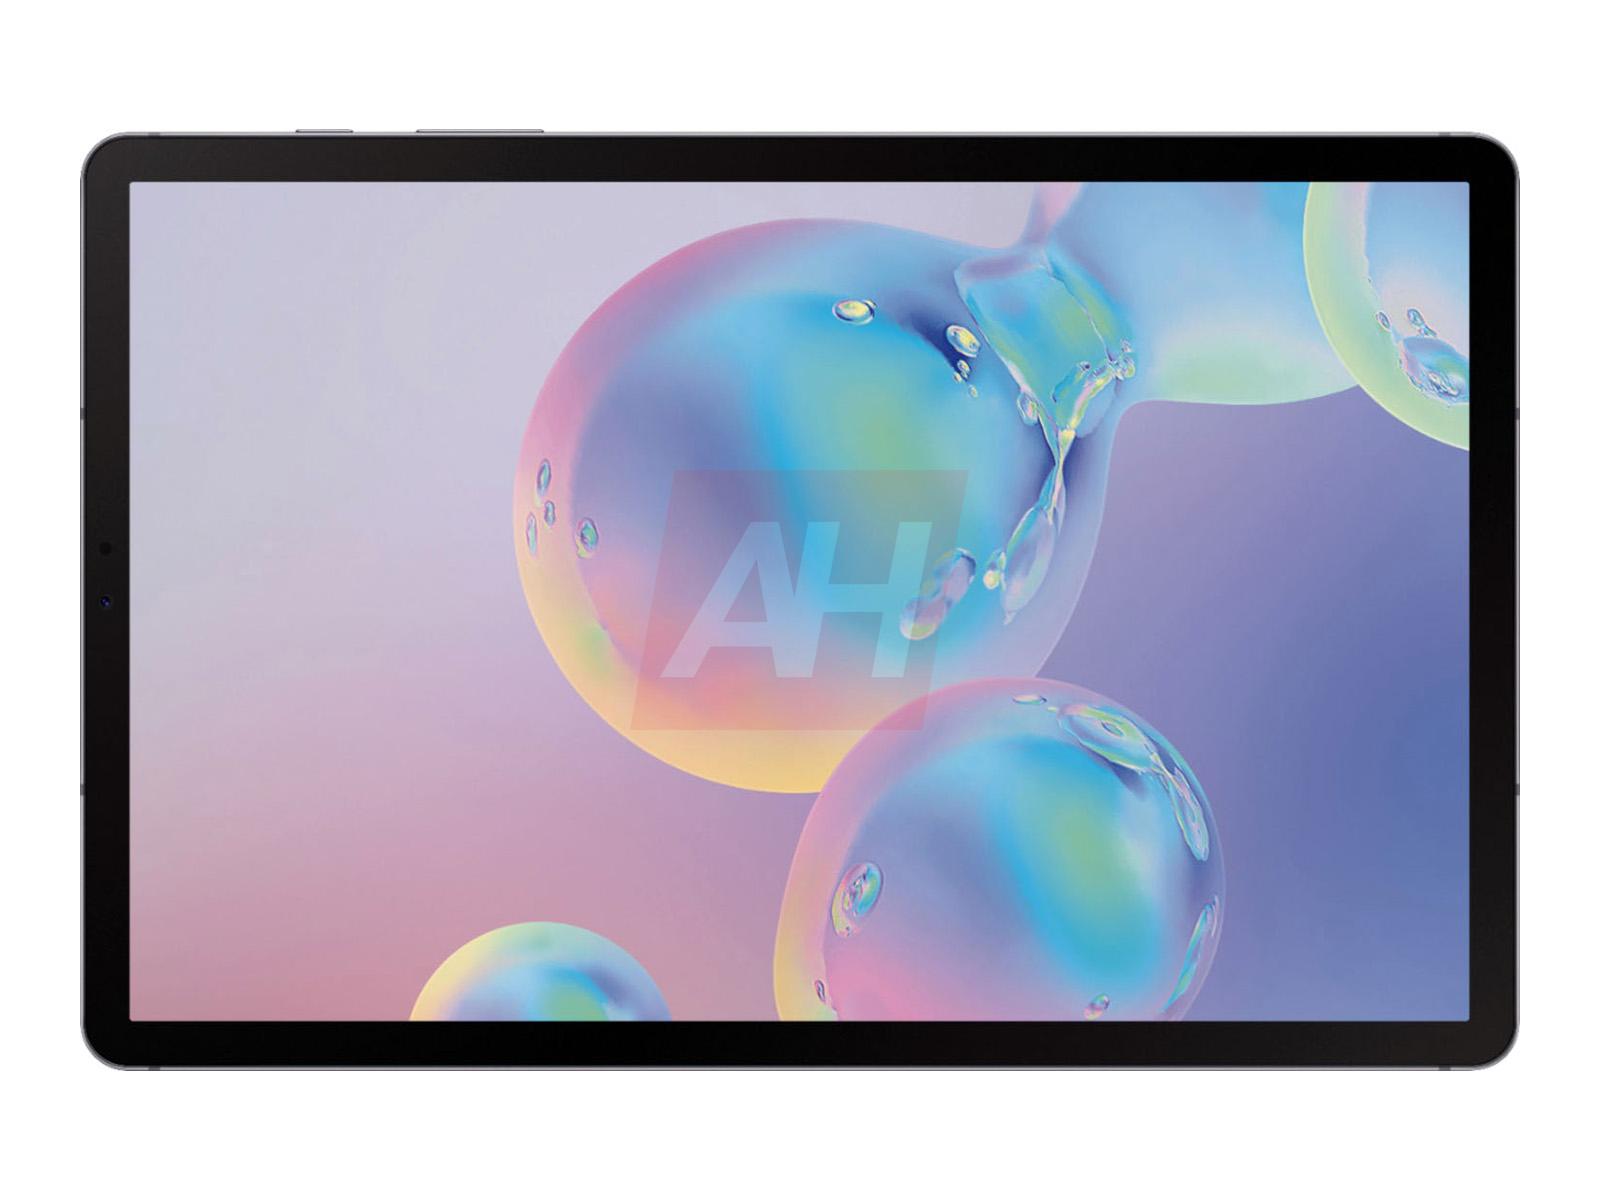 Samsung Galaxy tab S6 rendery kiedy premiera specyfikacja techniczna plotki przecieki wycieki